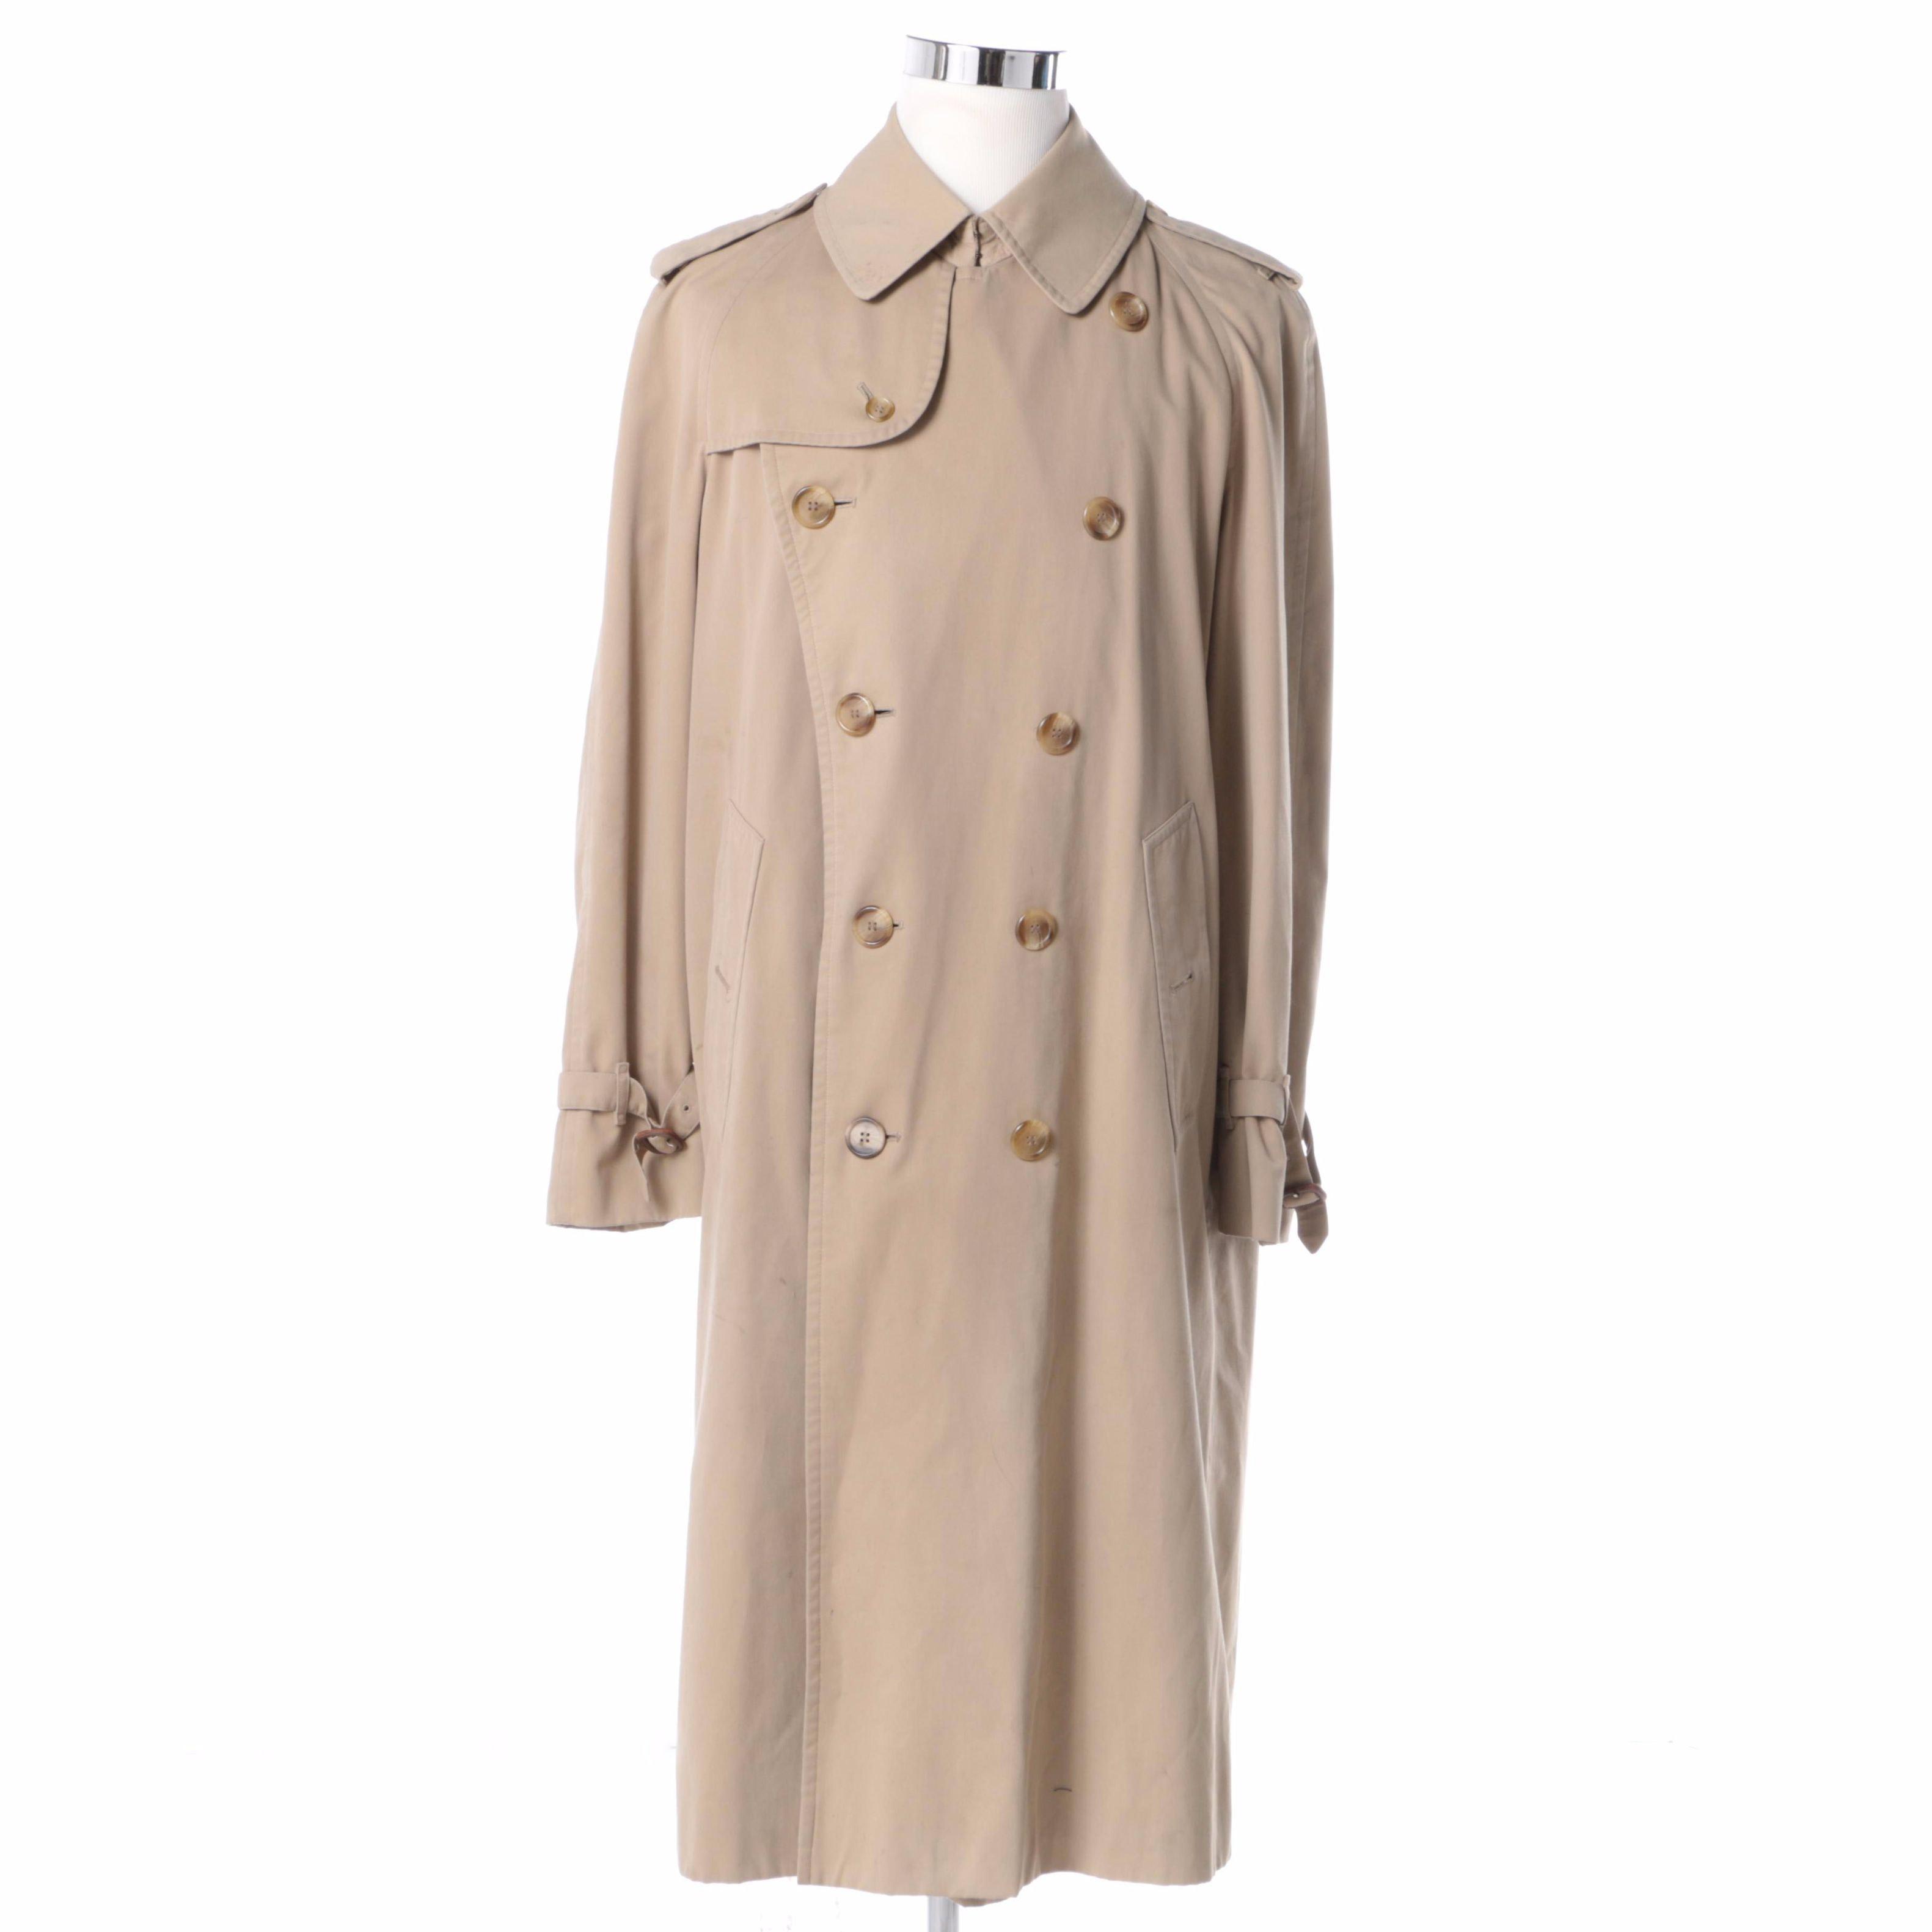 Women's Burberrys Trench Coat